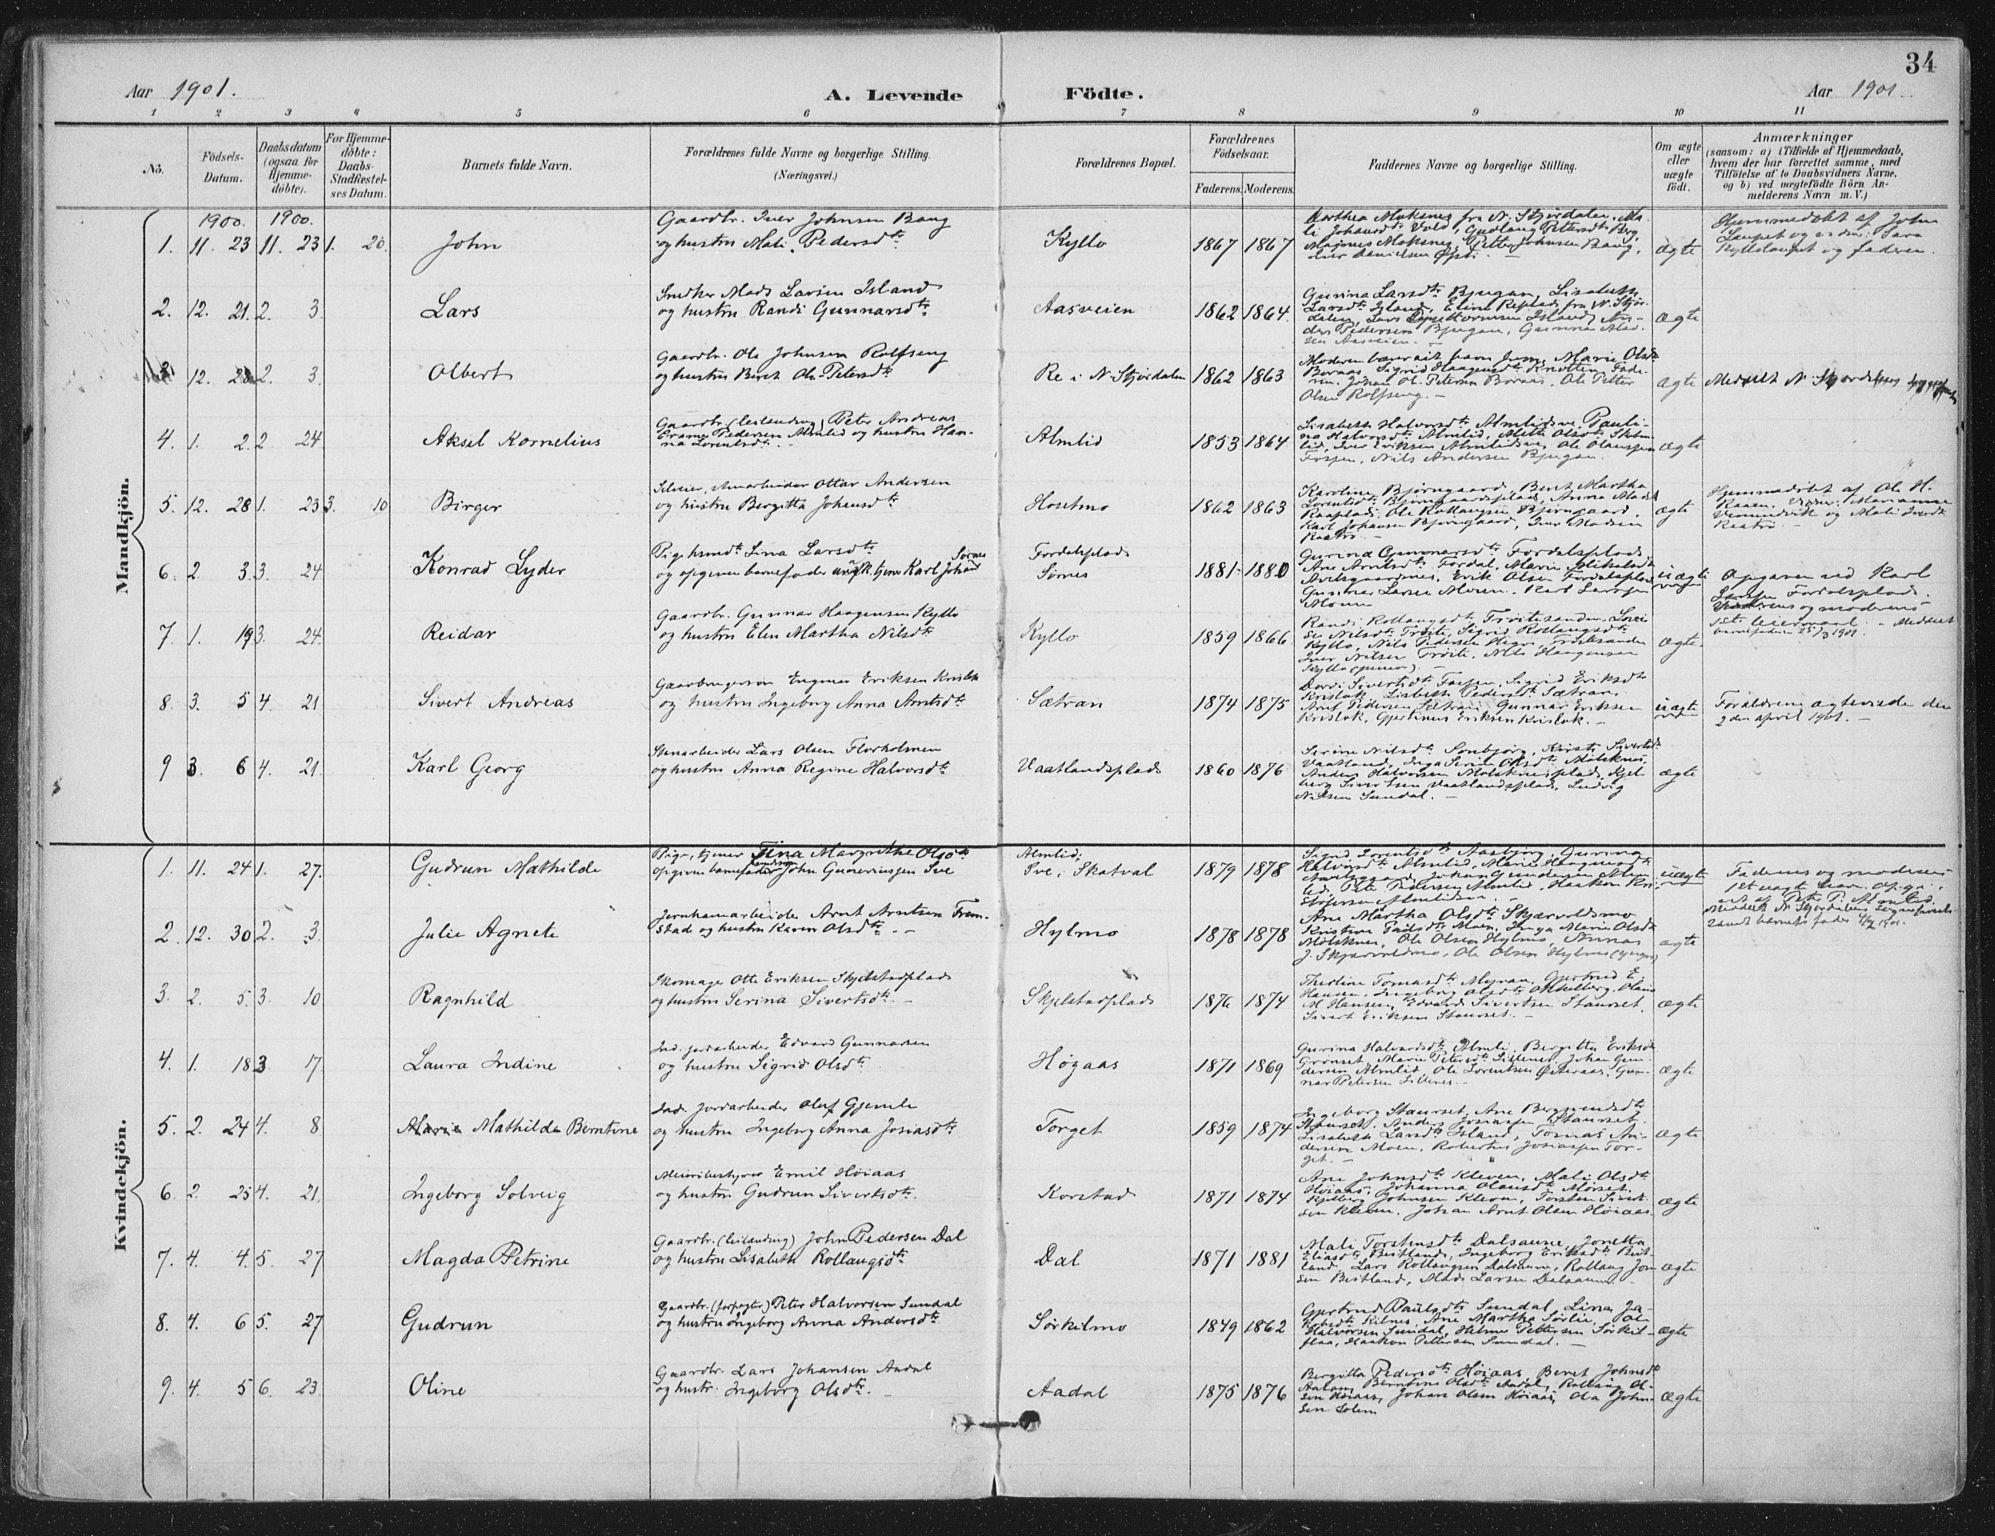 SAT, Ministerialprotokoller, klokkerbøker og fødselsregistre - Nord-Trøndelag, 703/L0031: Ministerialbok nr. 703A04, 1893-1914, s. 34